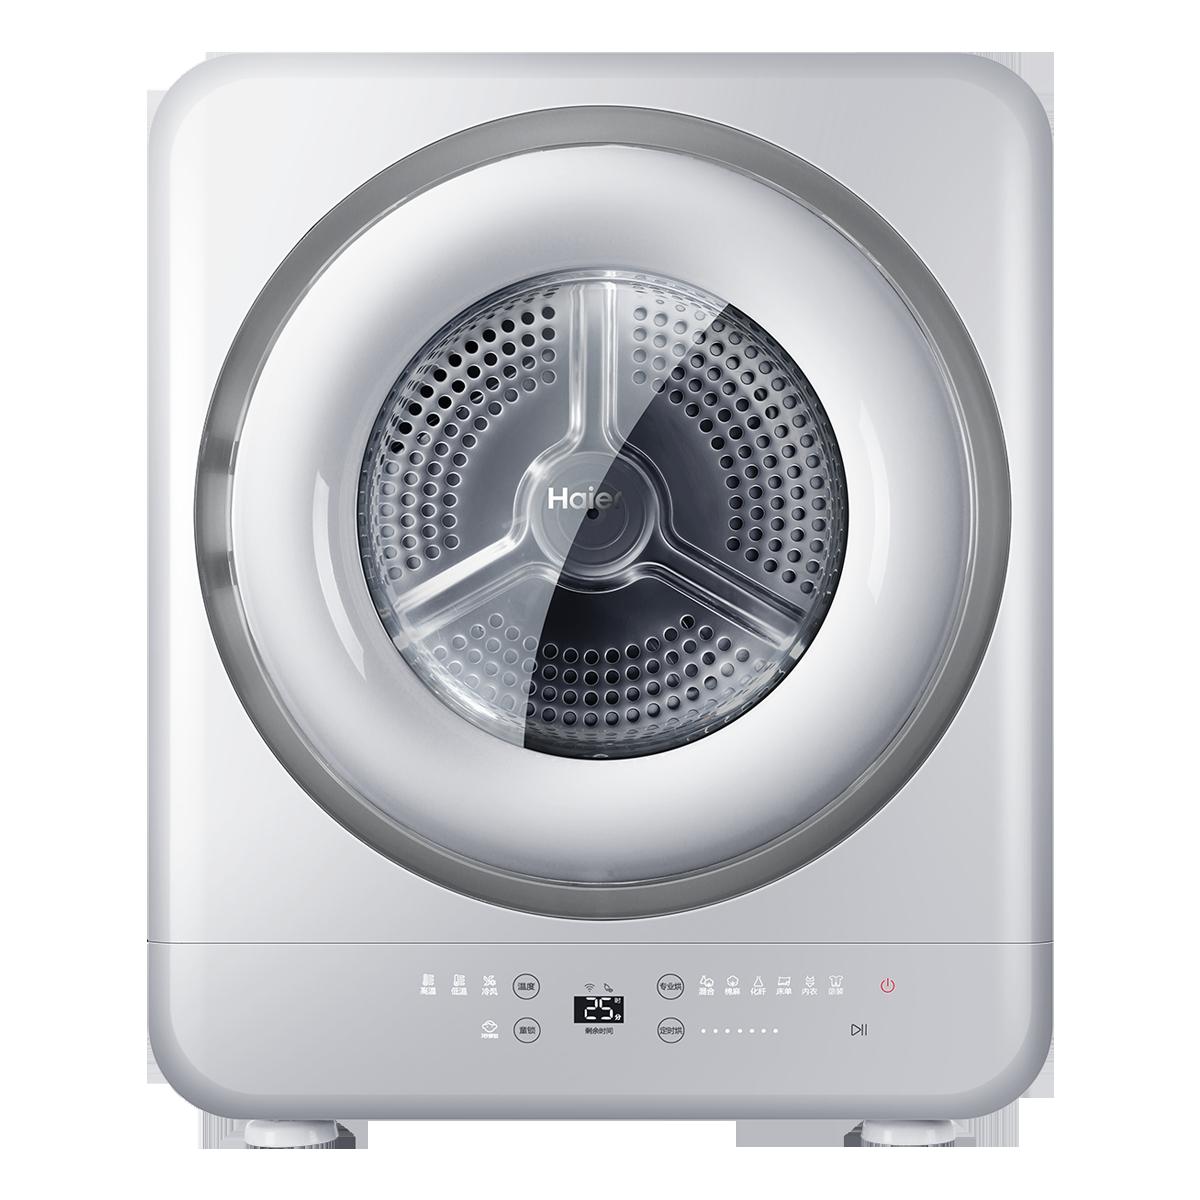 海尔Haier洗衣机 GDZA3-68U1 说明书